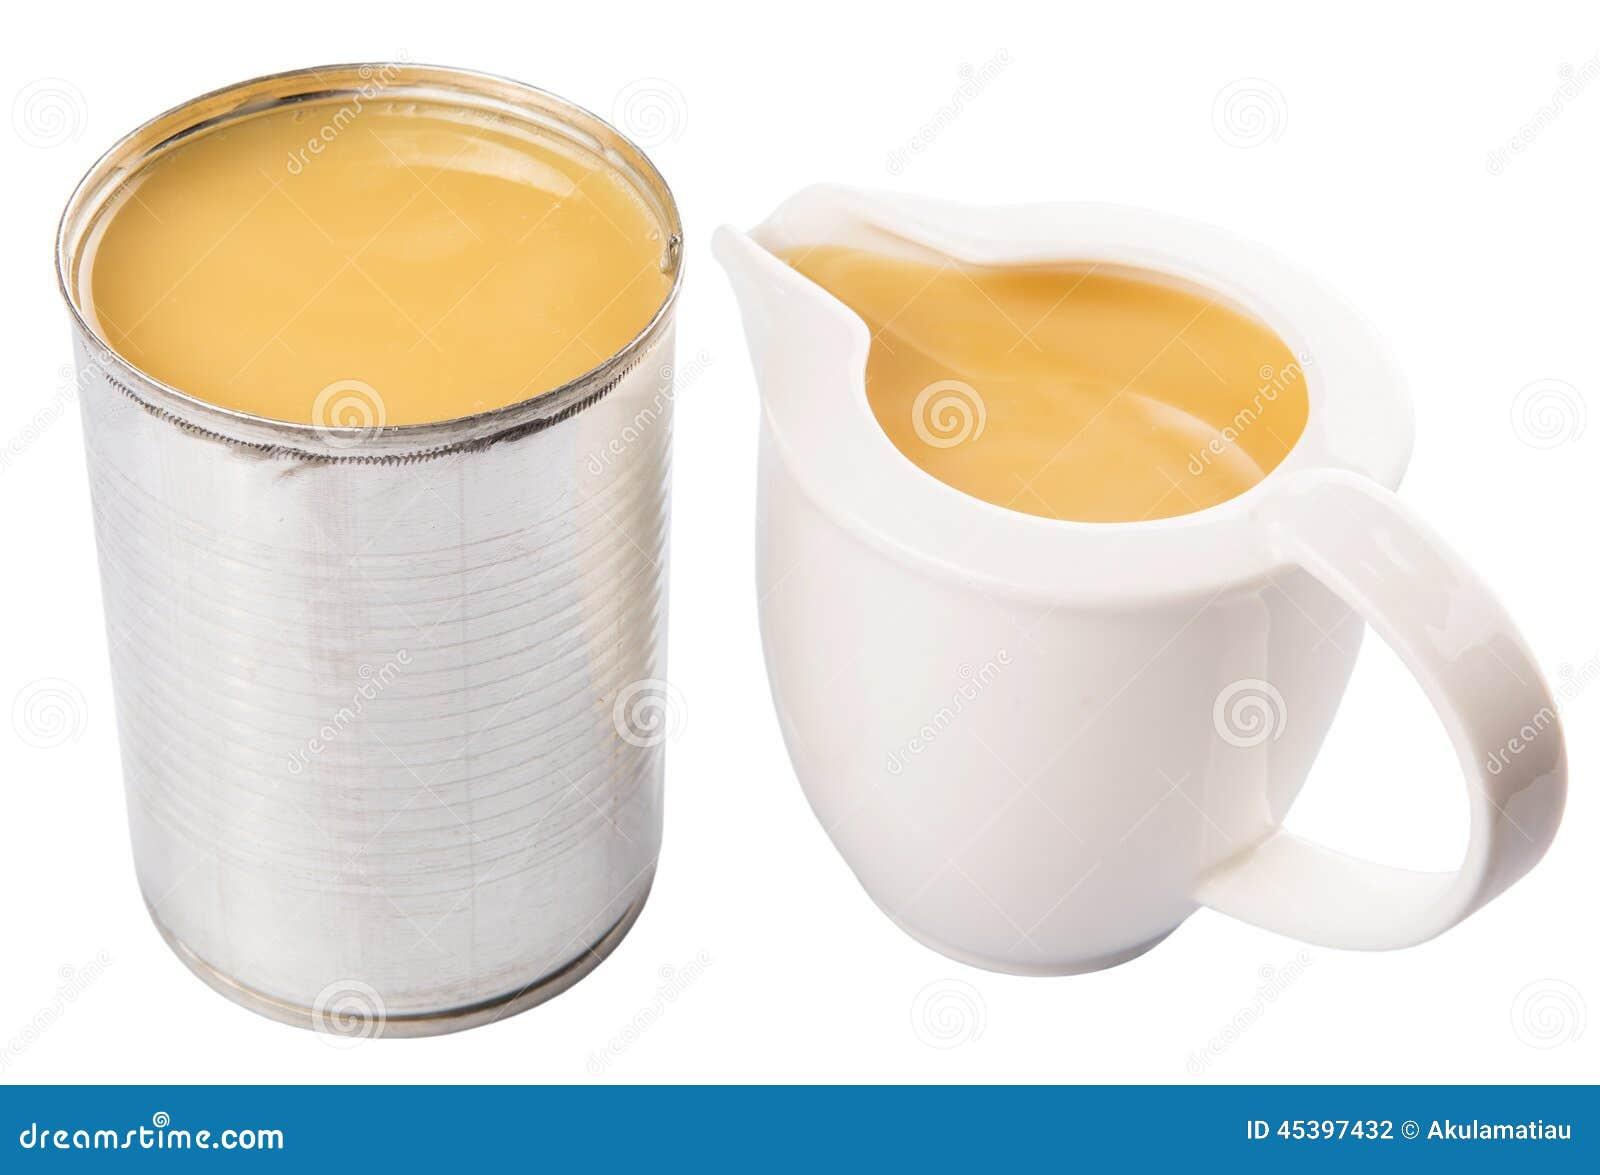 Leite condensado em Tin Can And Milk Container mim